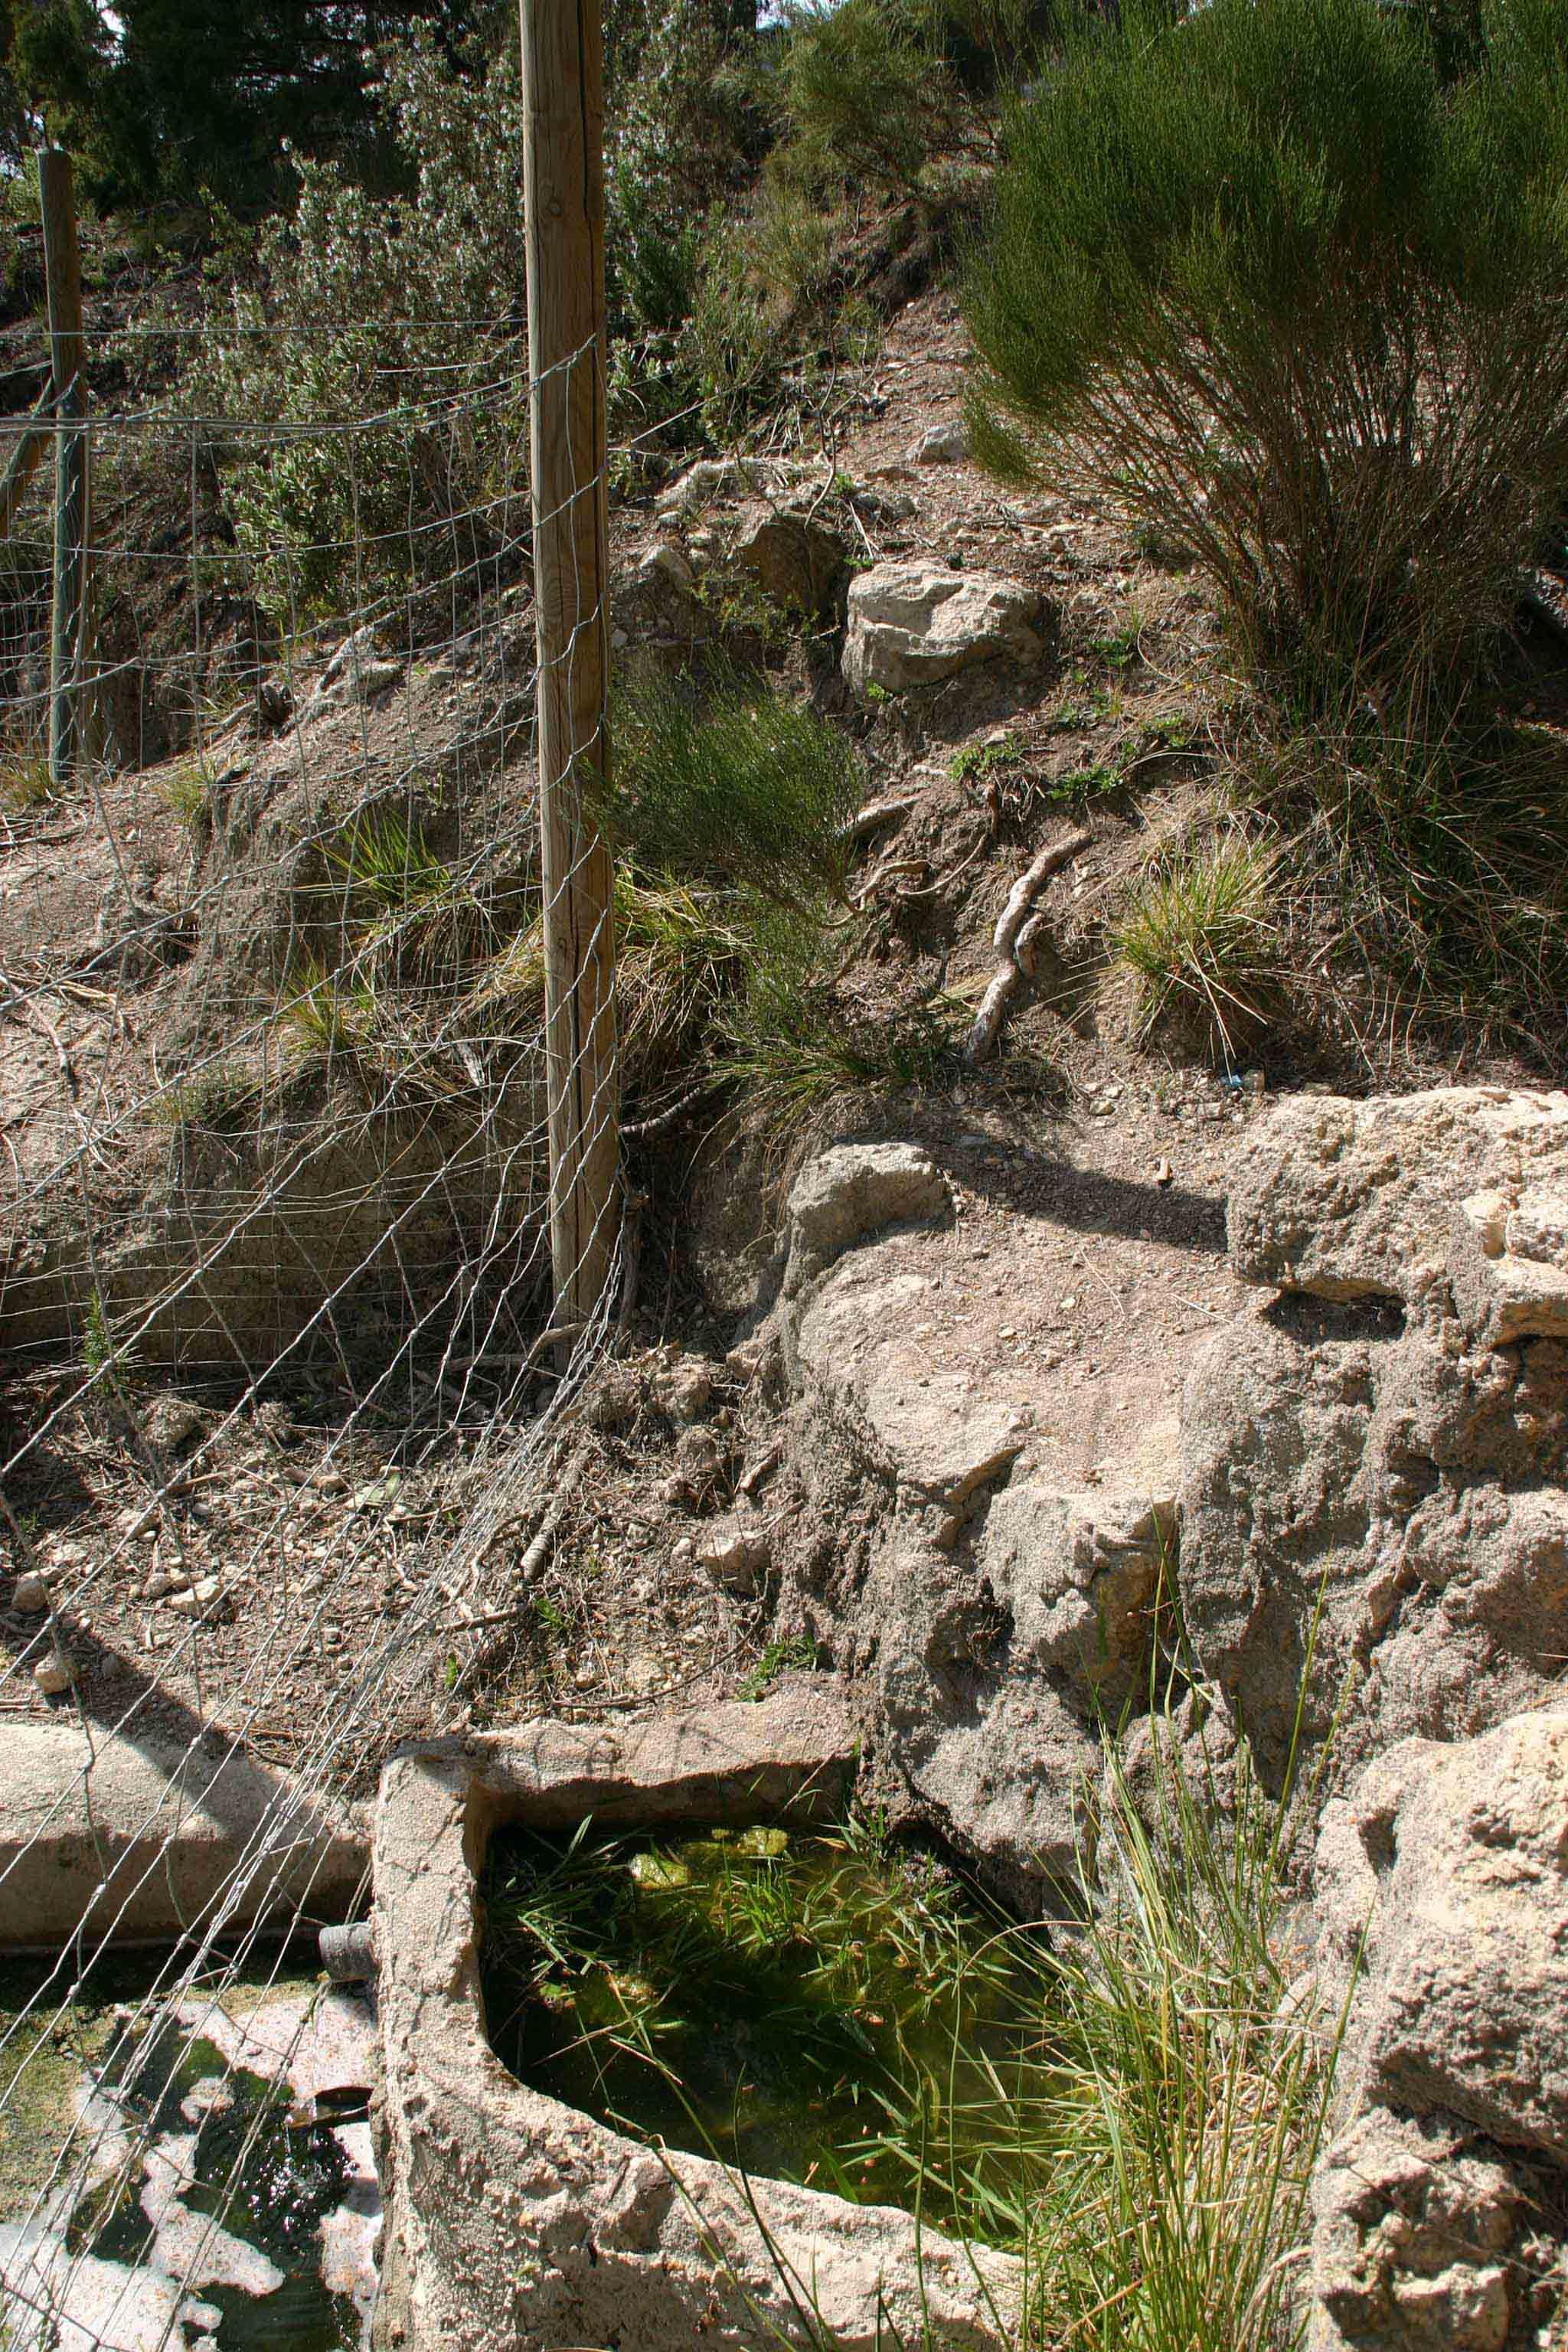 Common toad habitat on the mountain